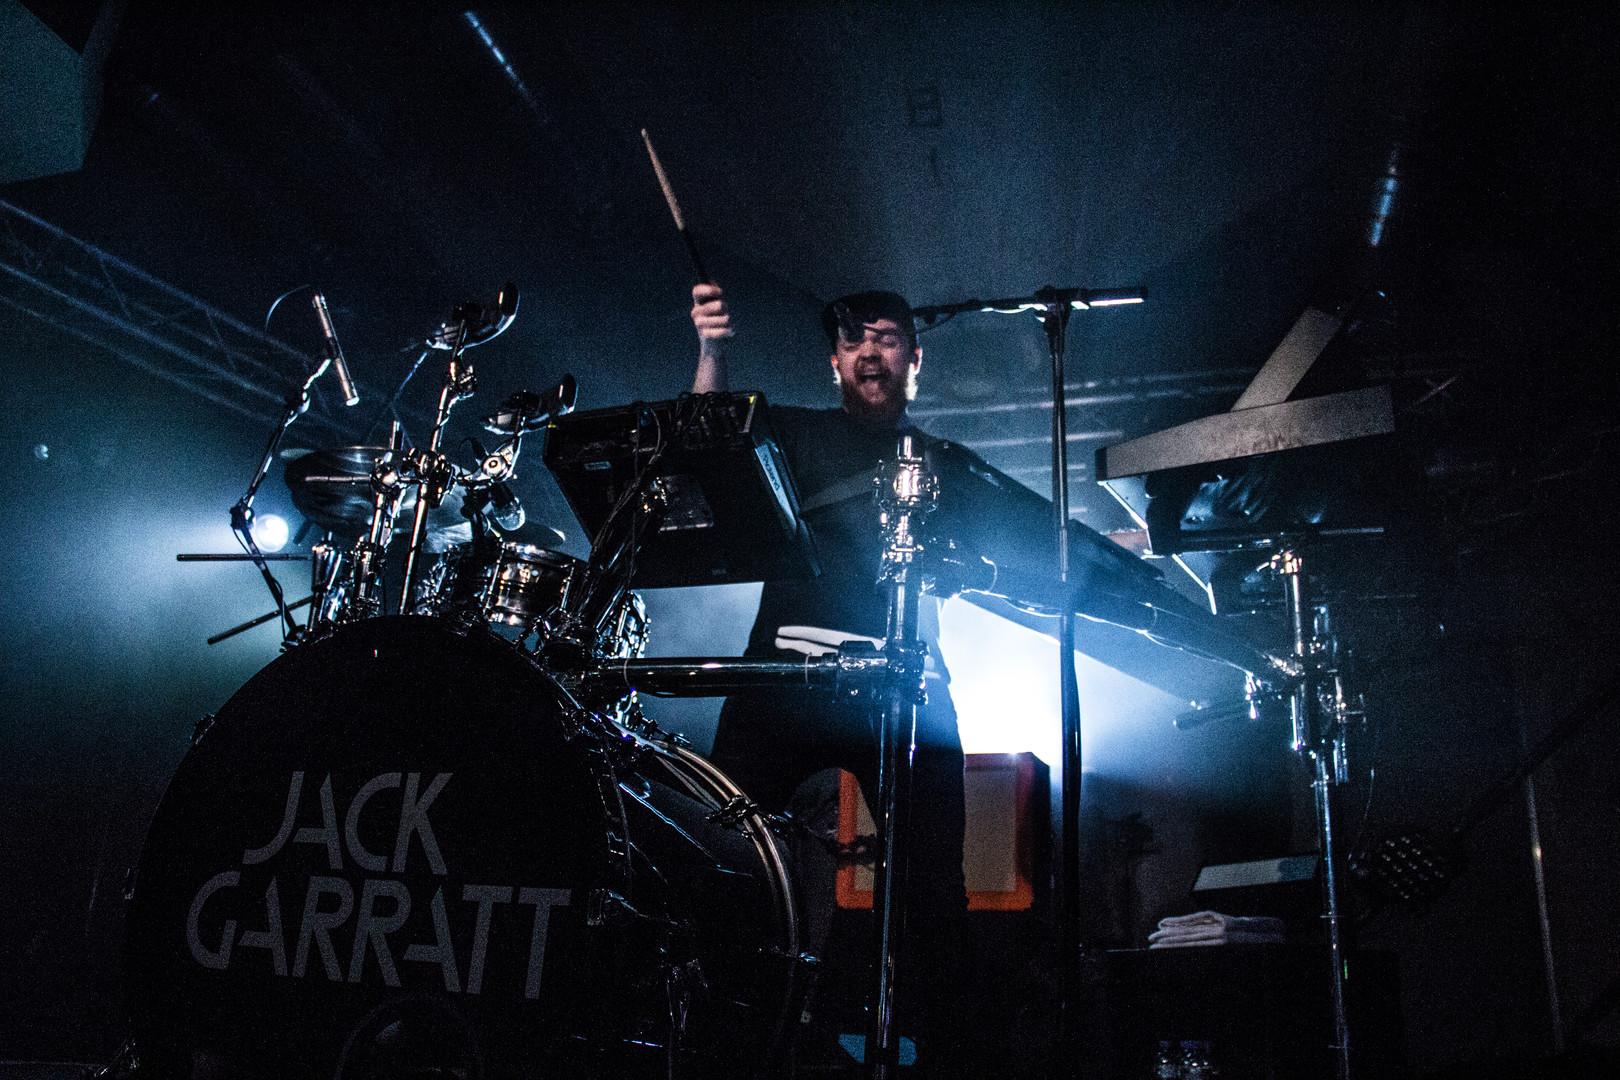 JACK GARRATT.